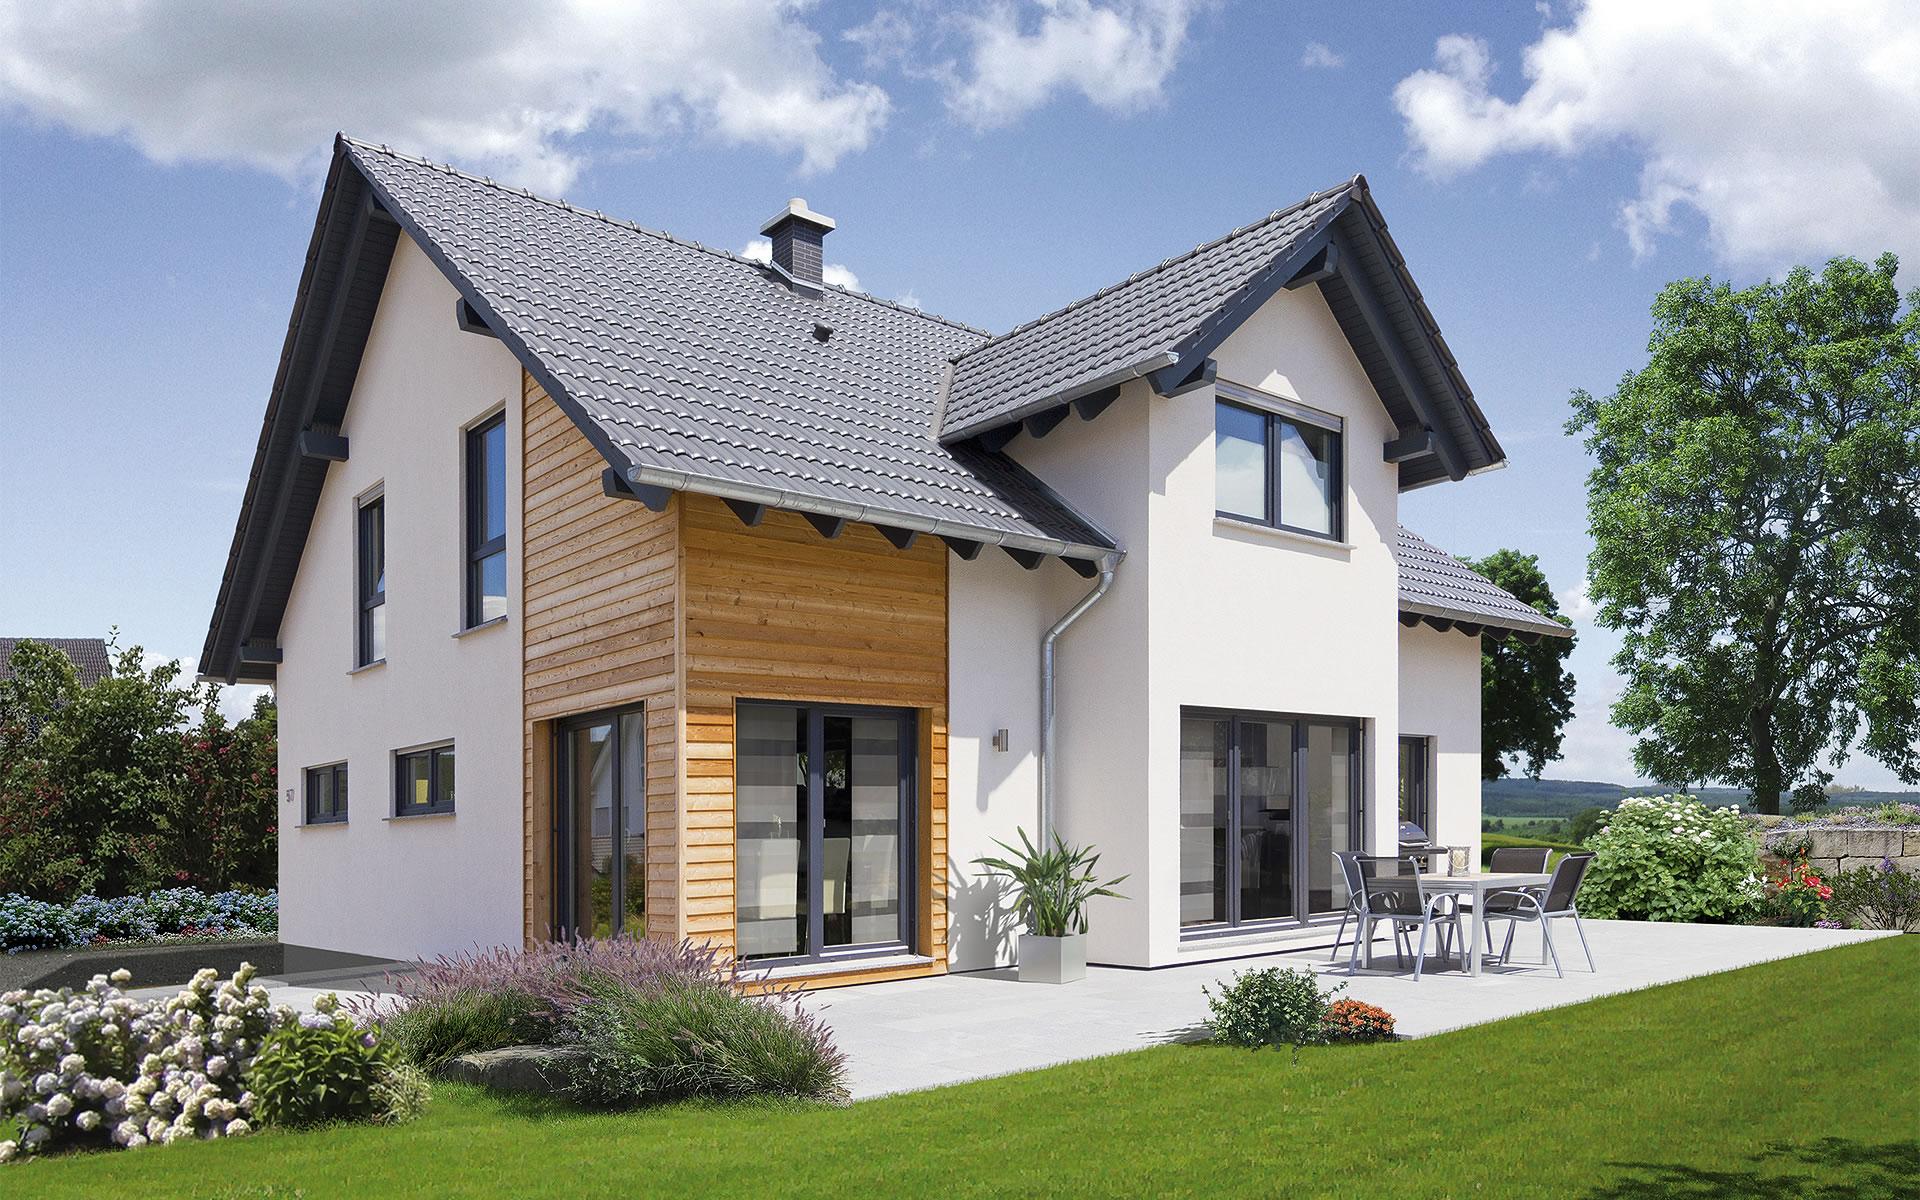 Solera von Fingerhut Haus GmbH & Co. KG